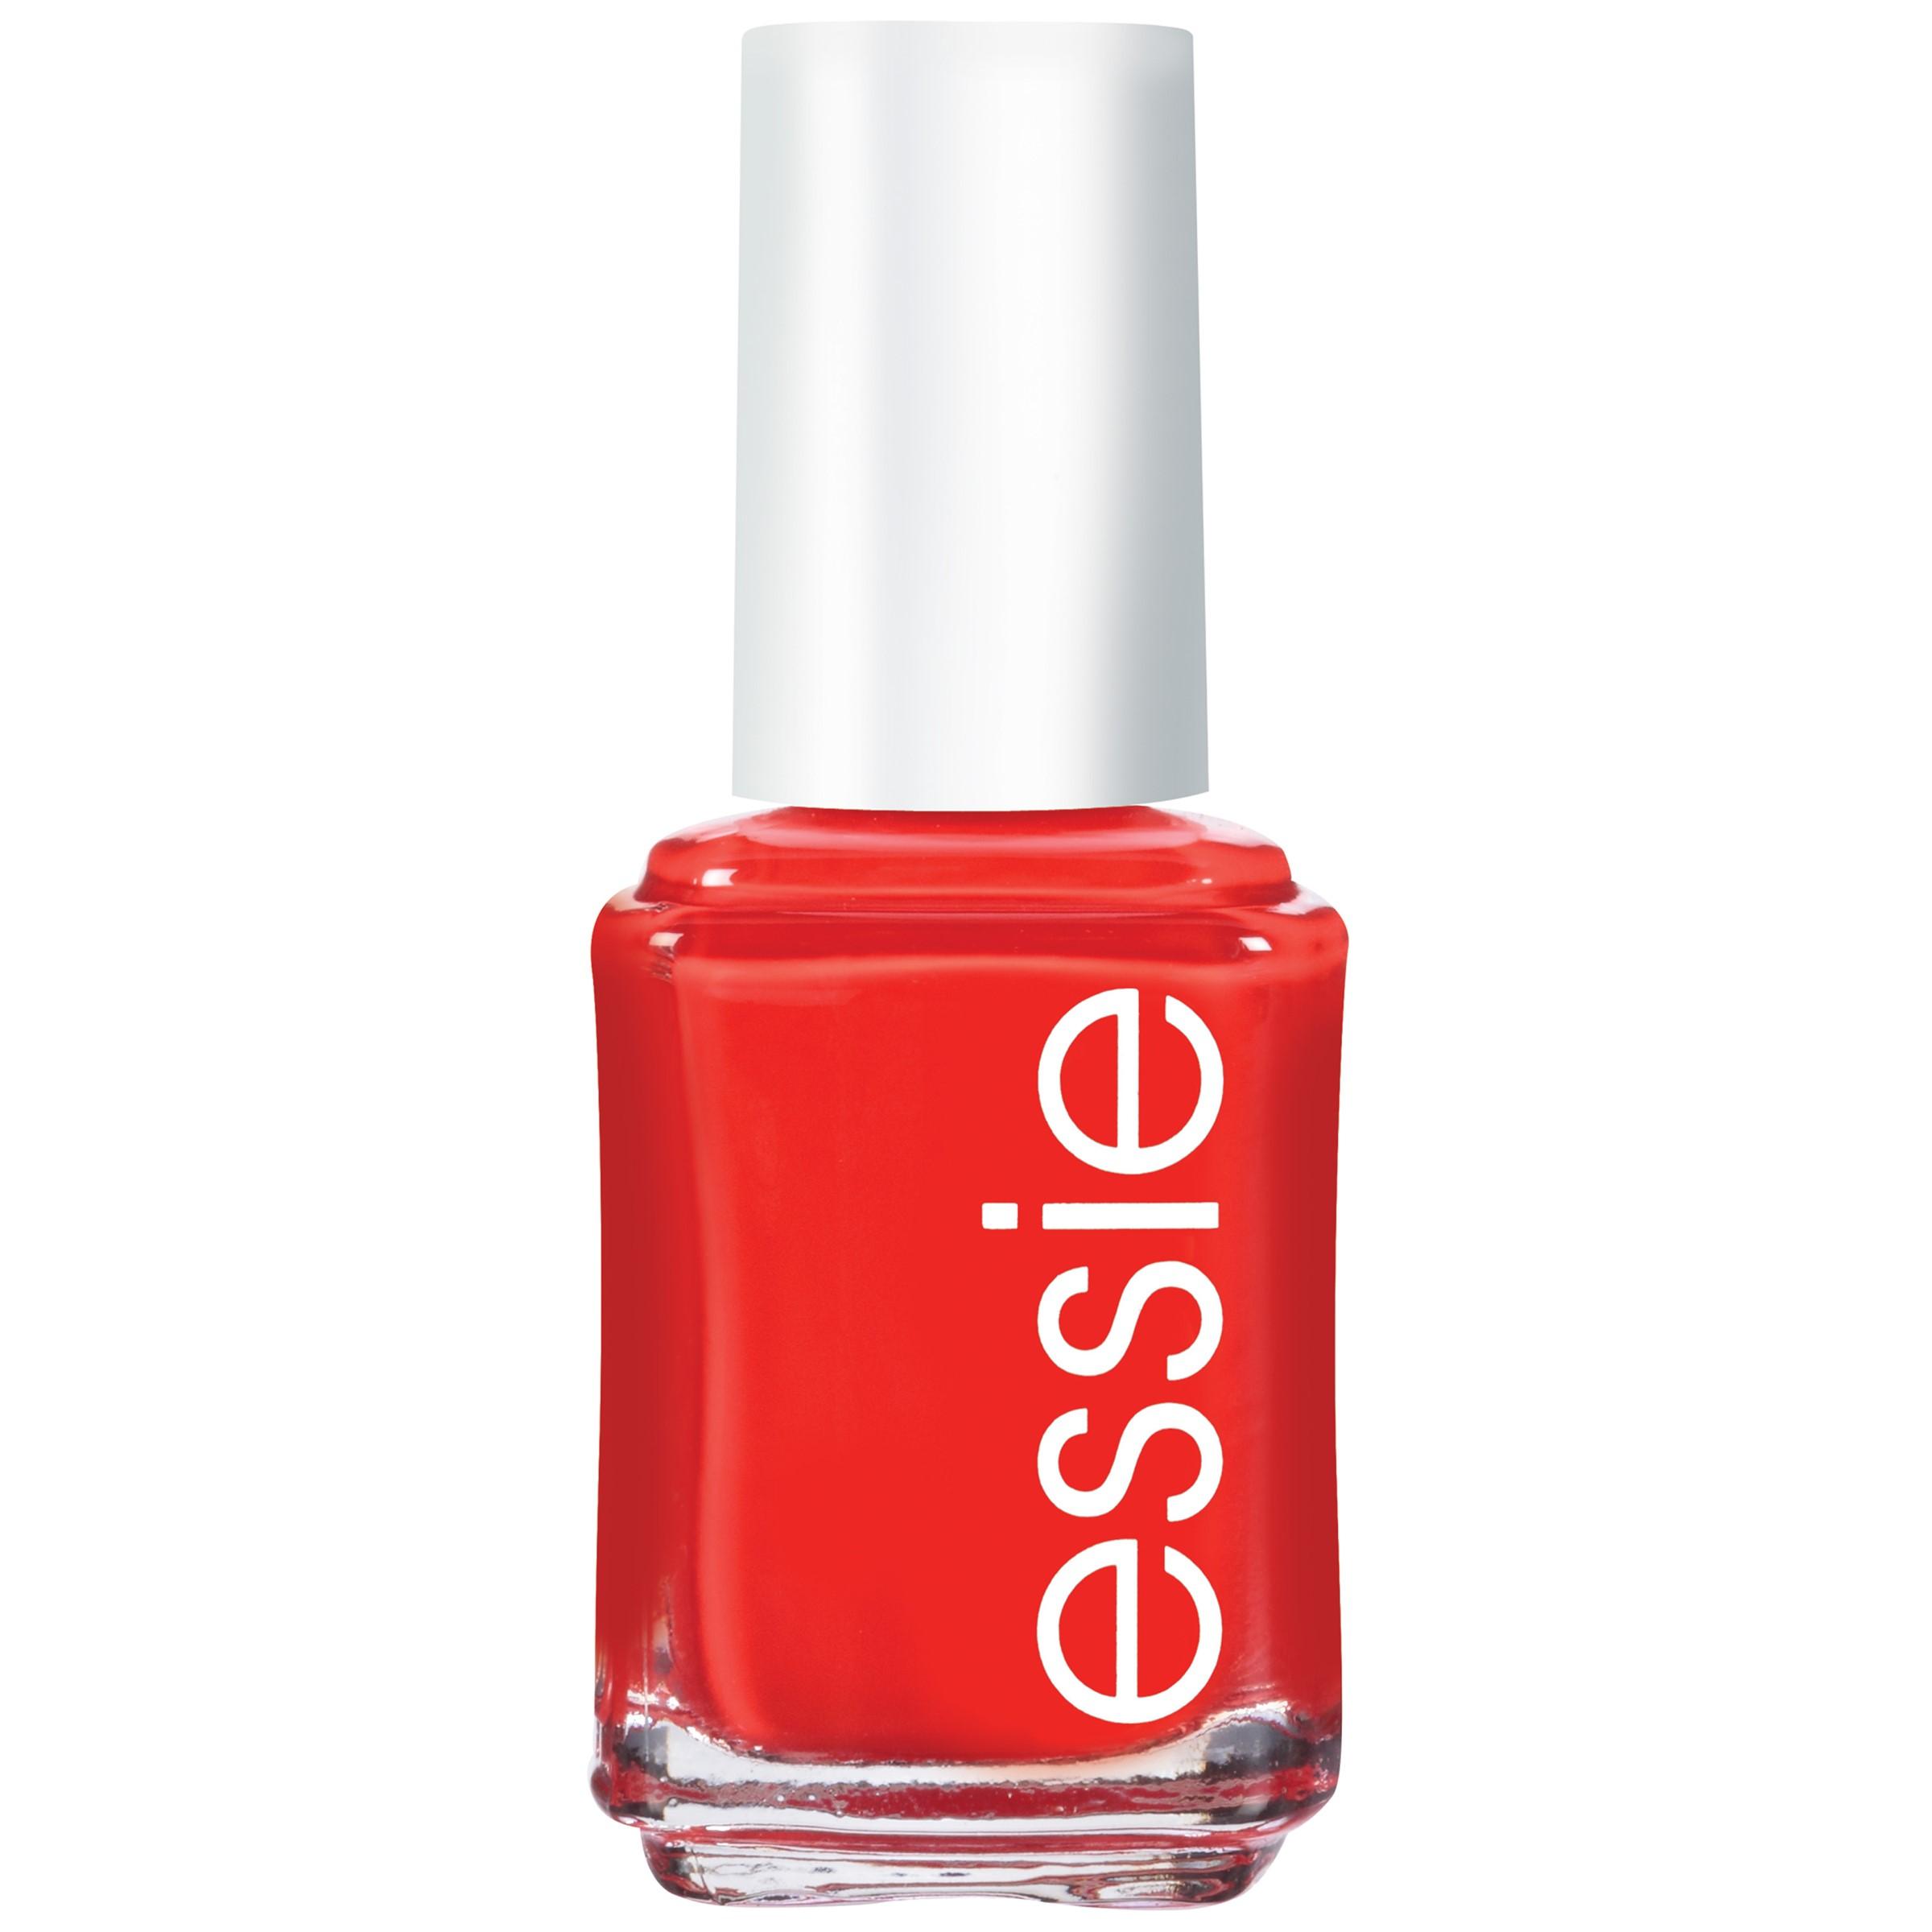 Essie Nail Polish (Greens) Mint Candy Apple, 0.46 fl oz - Walmart.com